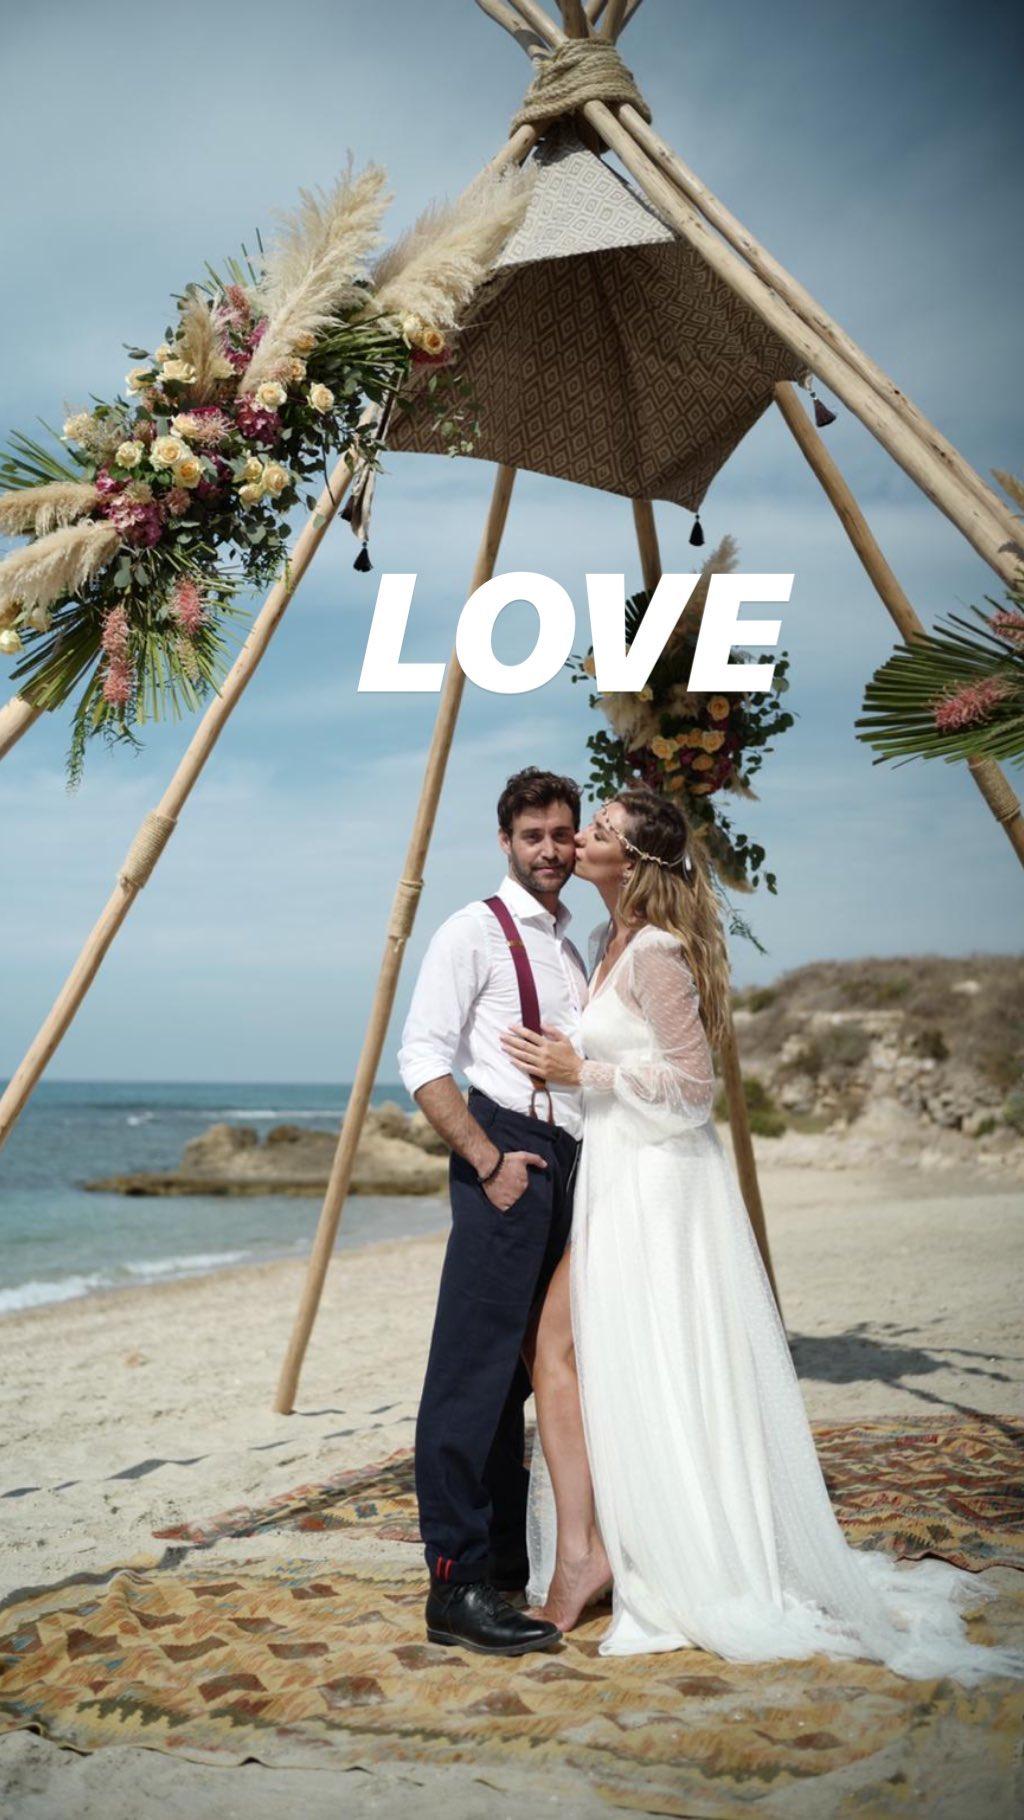 מיכל אנסקי התחתנה וקרן פלס באה להופיע אצלה!